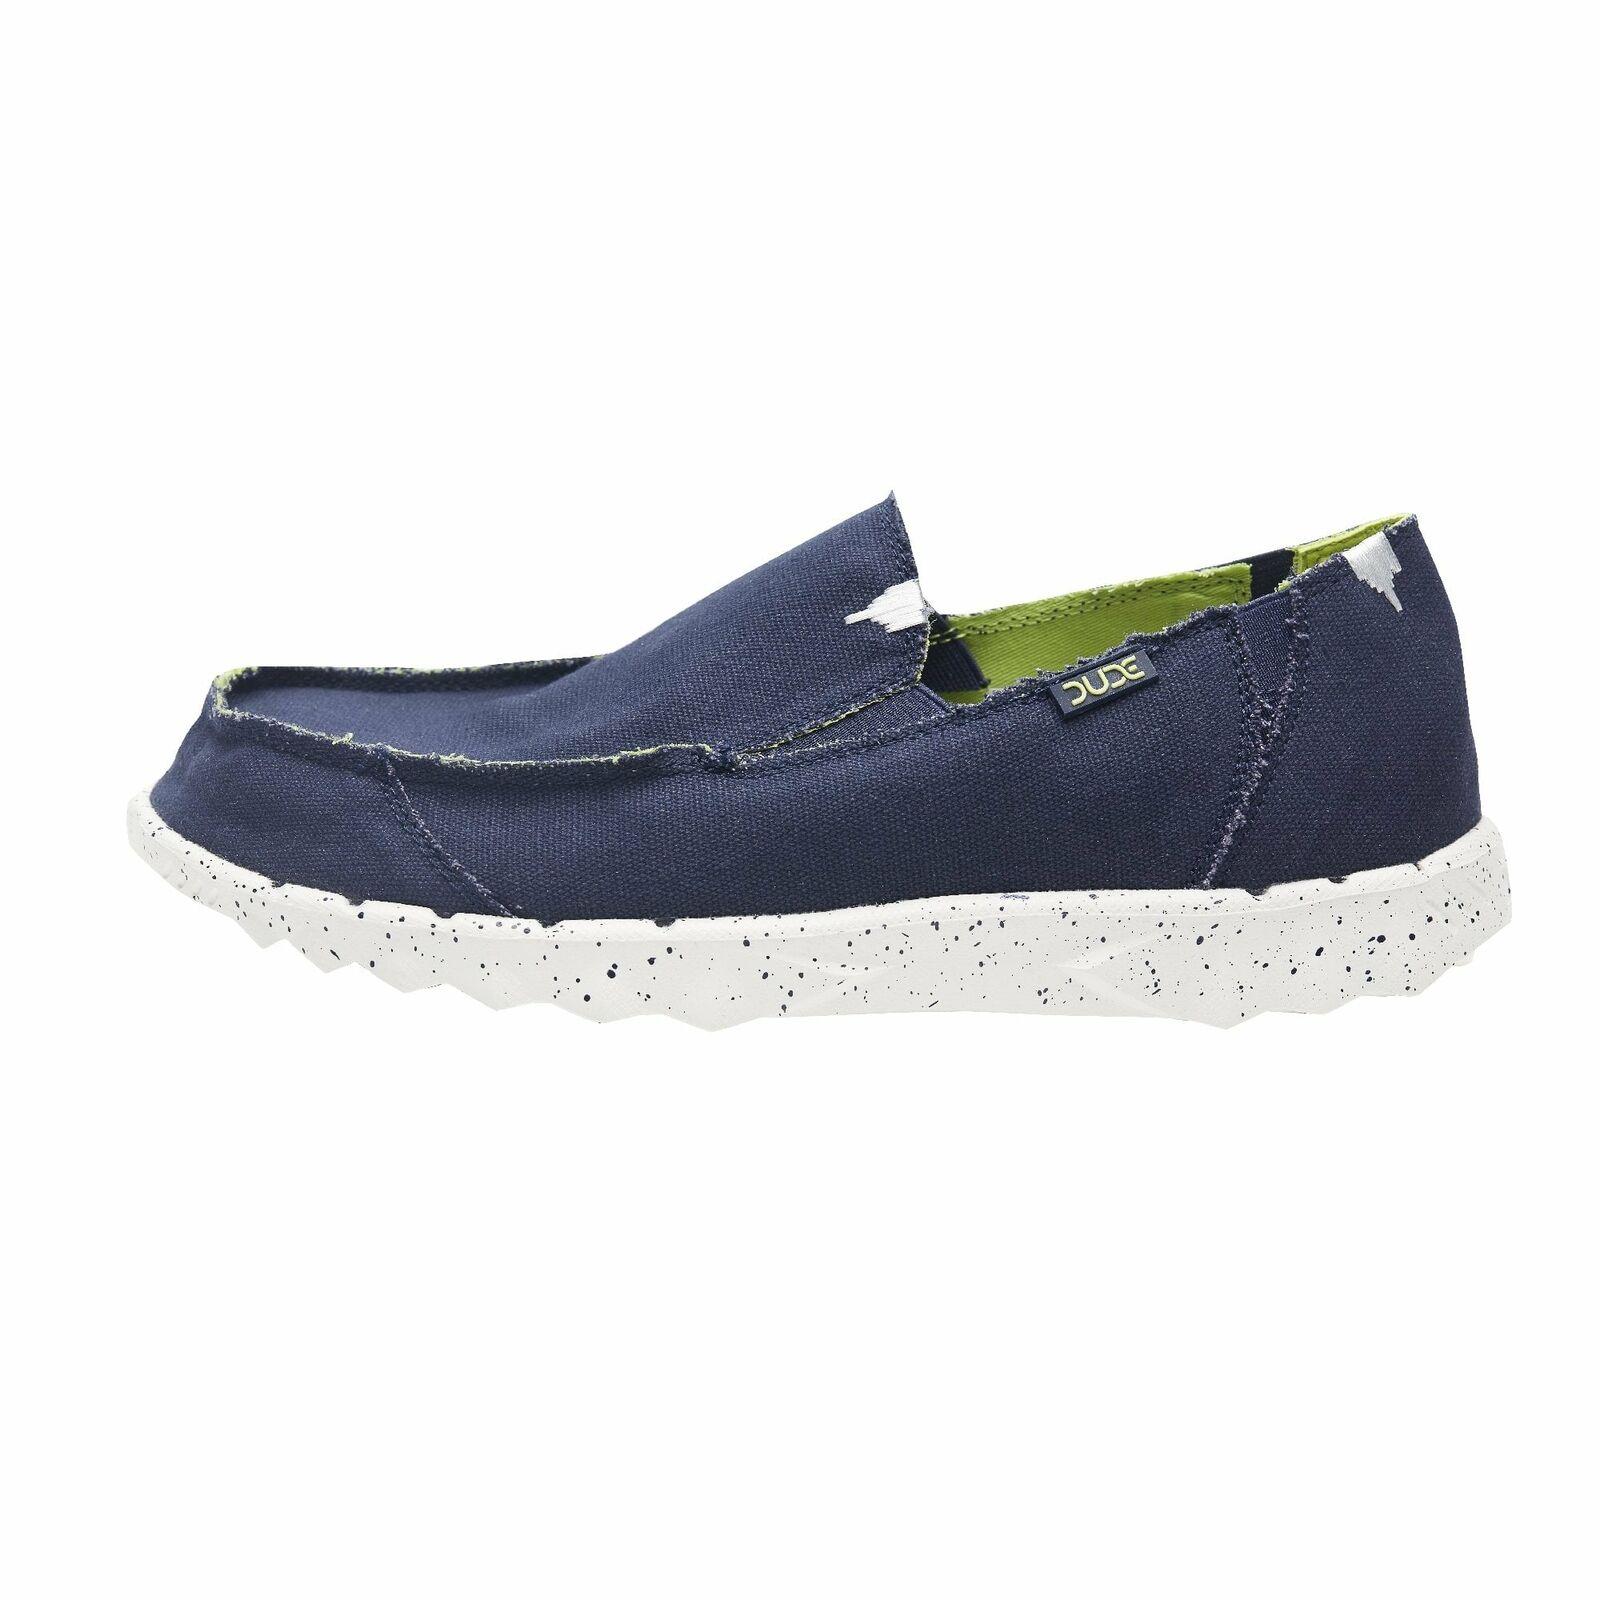 Hey Dude Zapatos para hombre pedos Funk Azul Marino Lona Slip On Mula Cal